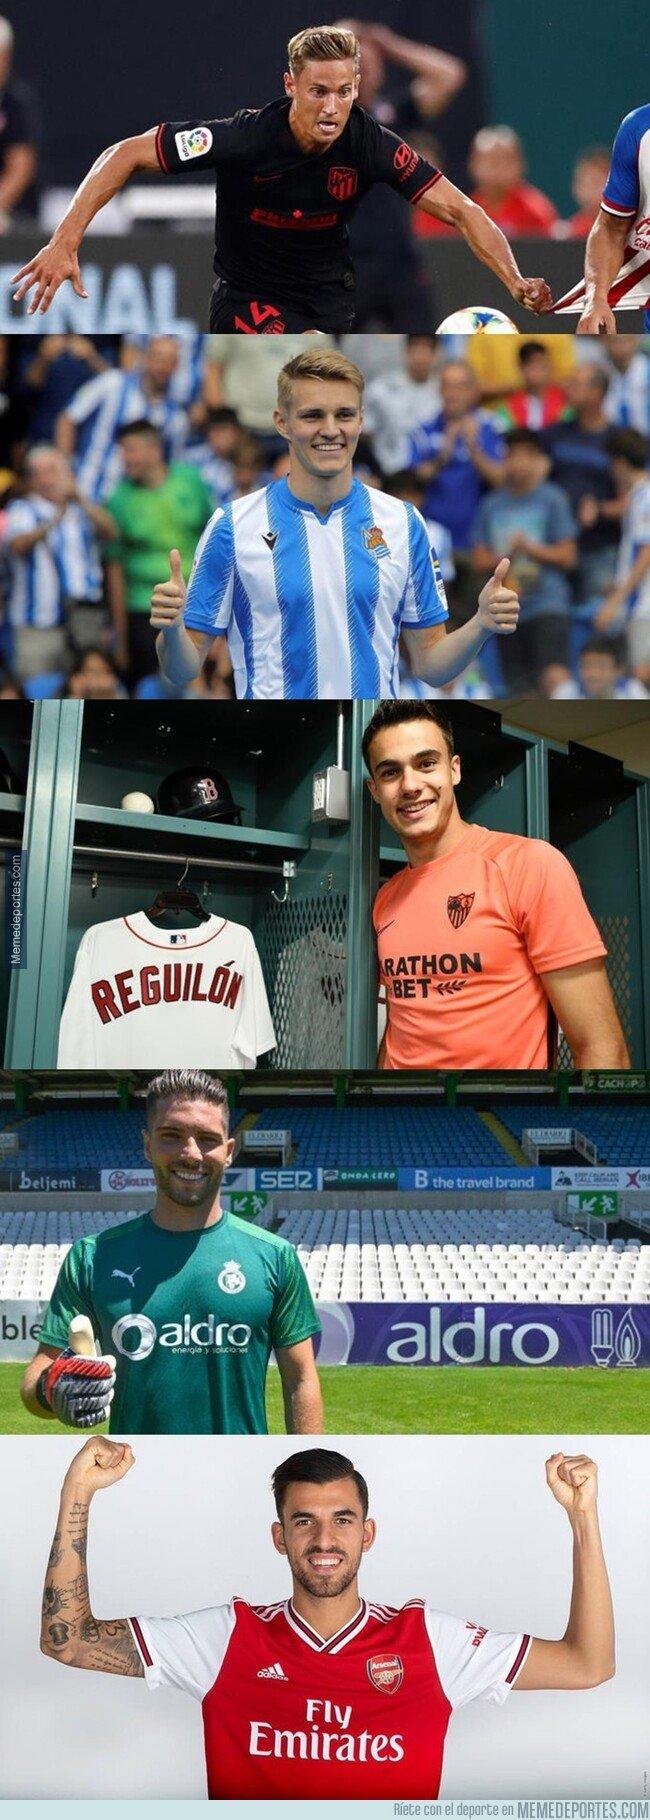 1081974 - La limpieza del Madrid hasta ahora. ¿Y Bale? Muy bien, gracias